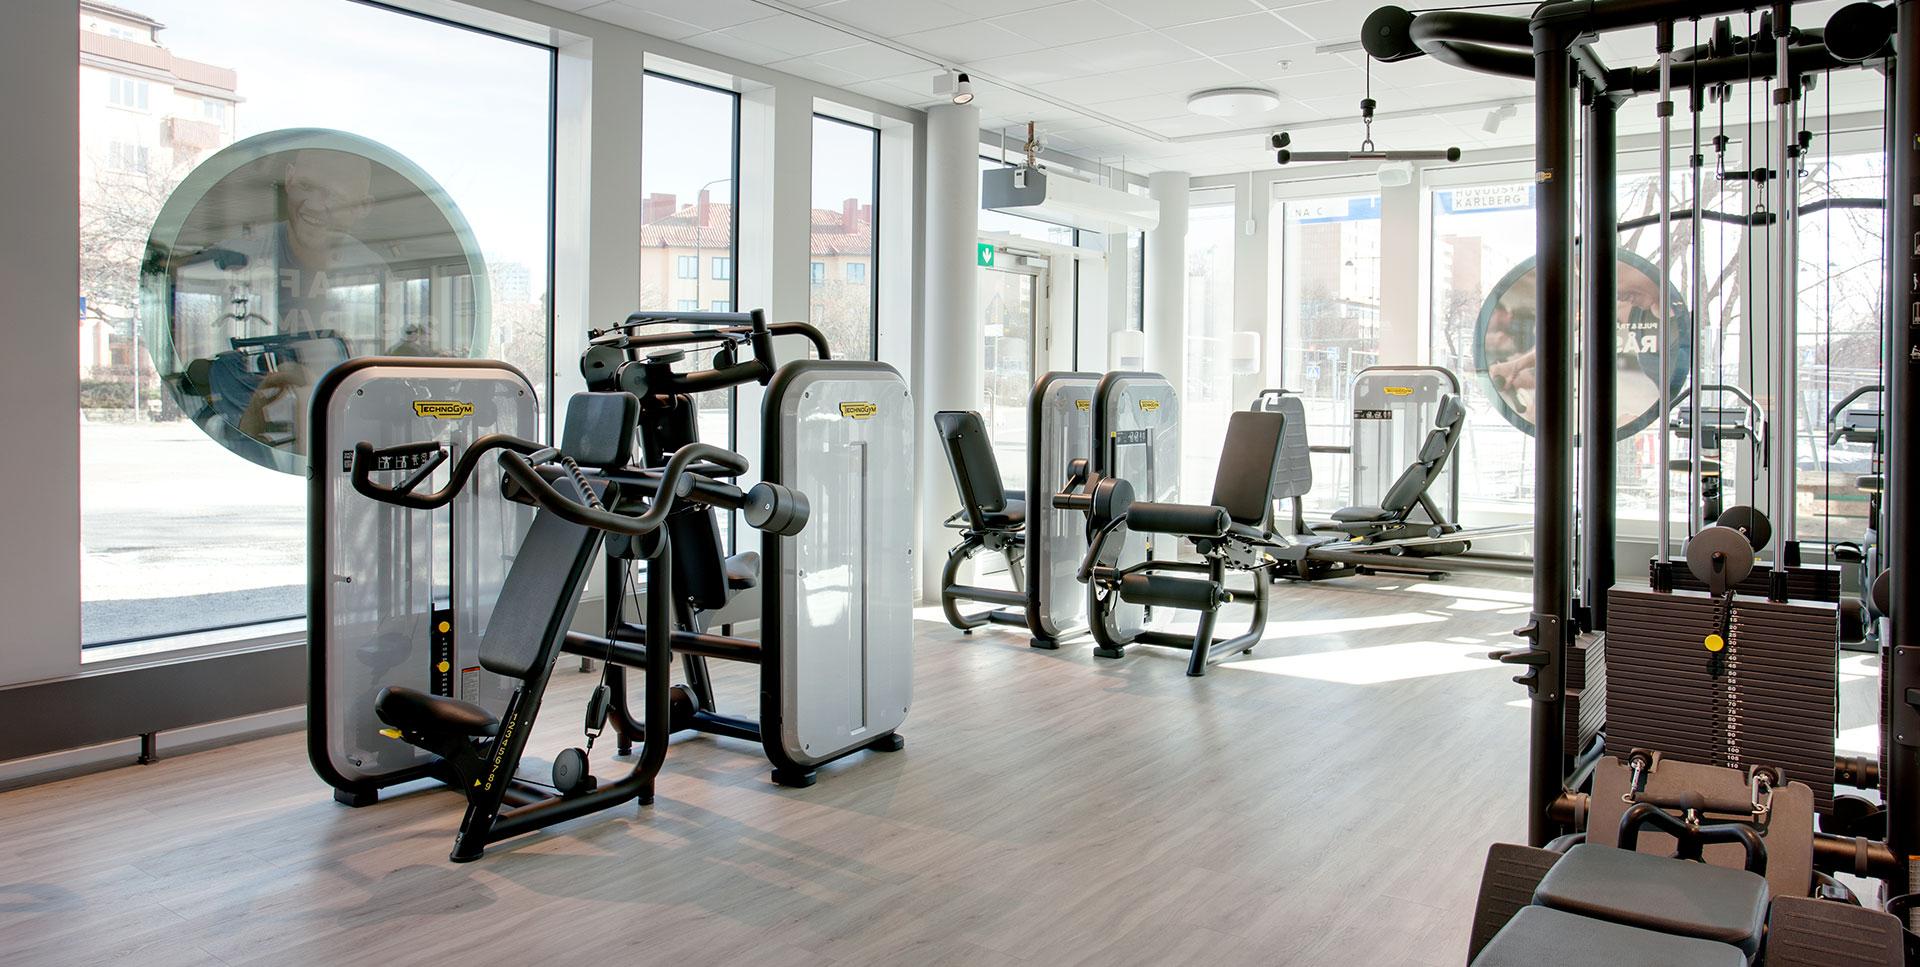 Puls & Träning Råsunda, styrketräningsmaskiner